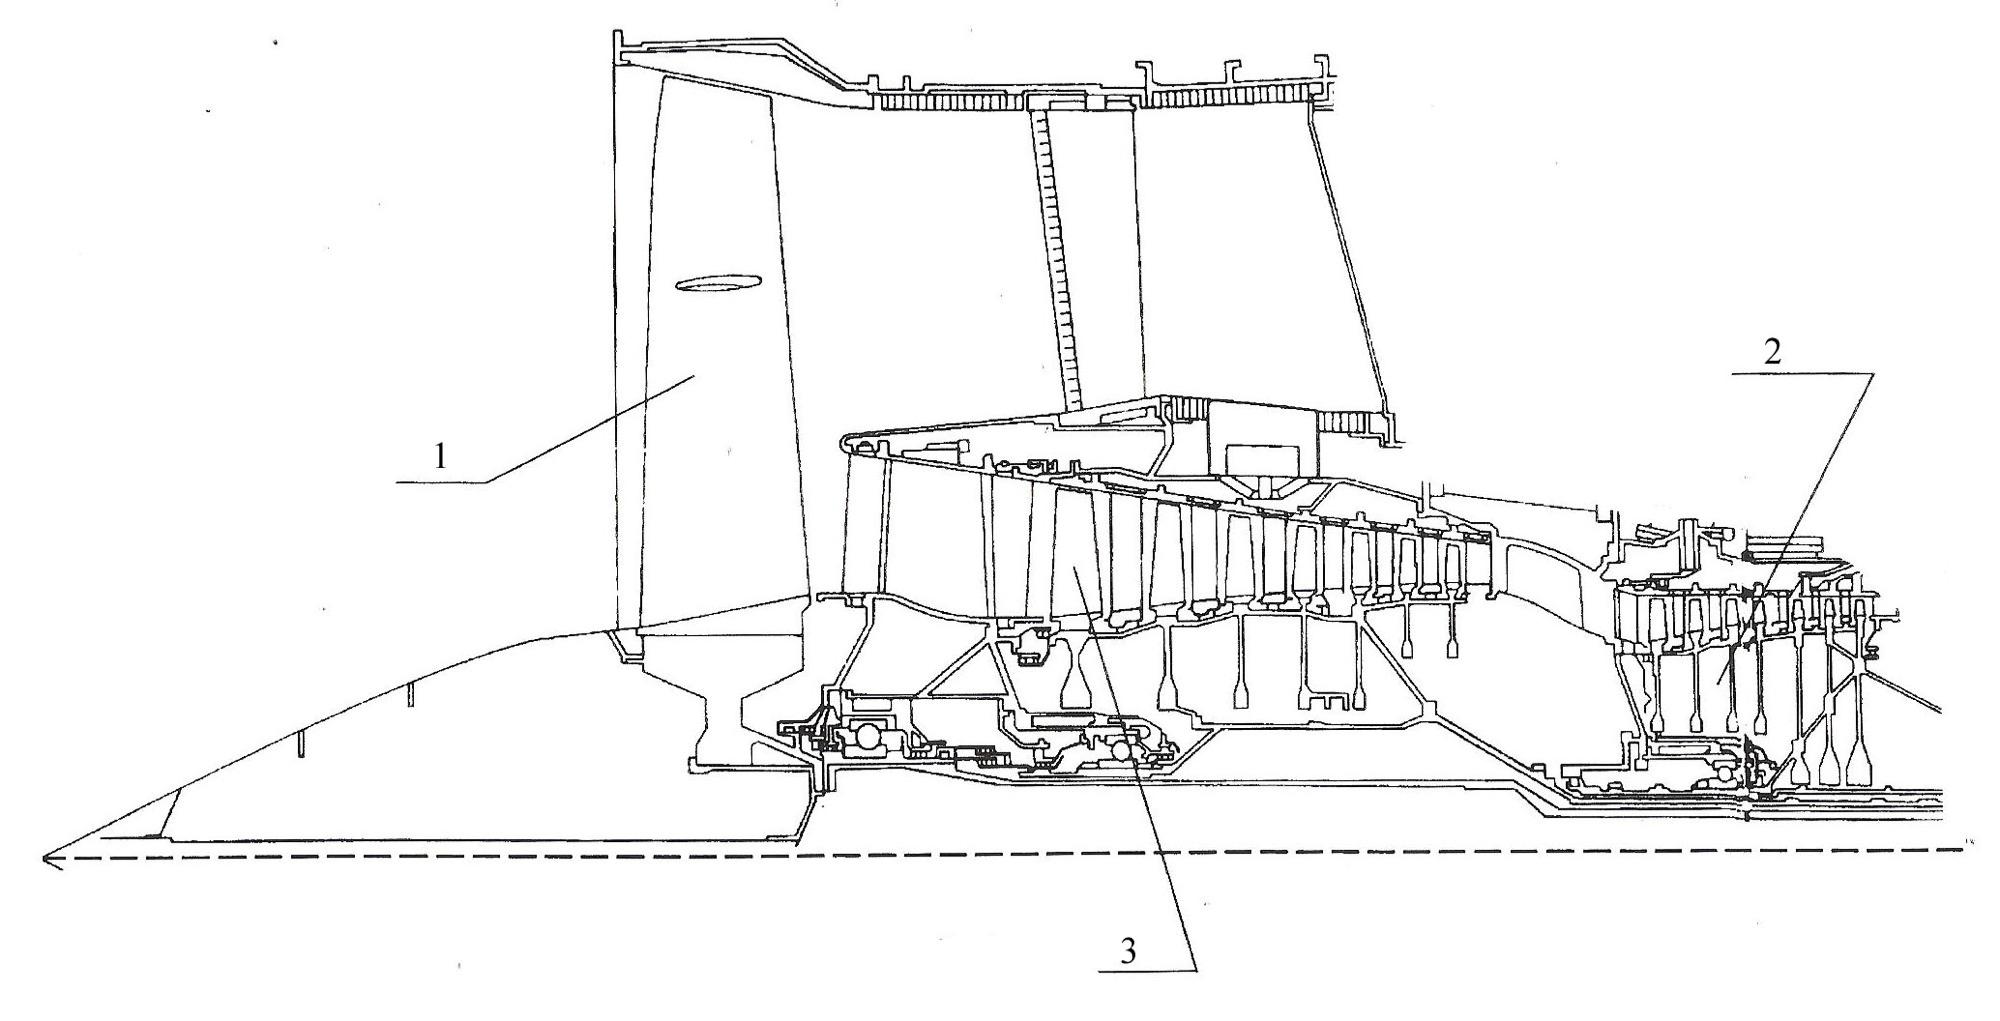 Tla 1bm Avion Antonov An 225